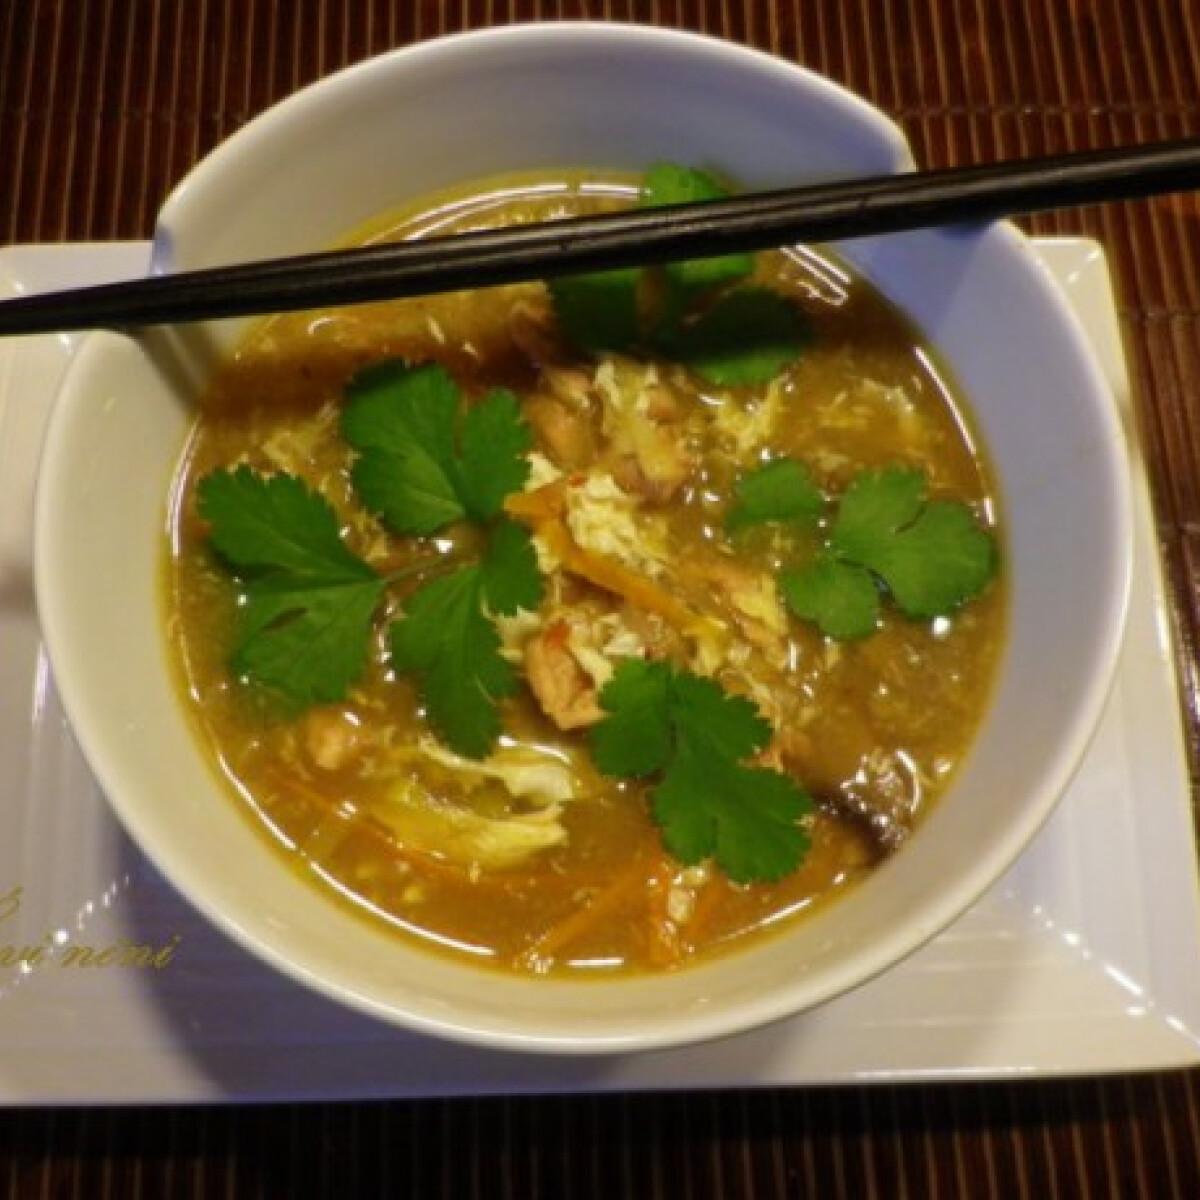 Ezen a képen: Kínai csípős-savanyú leves Évi nénitől